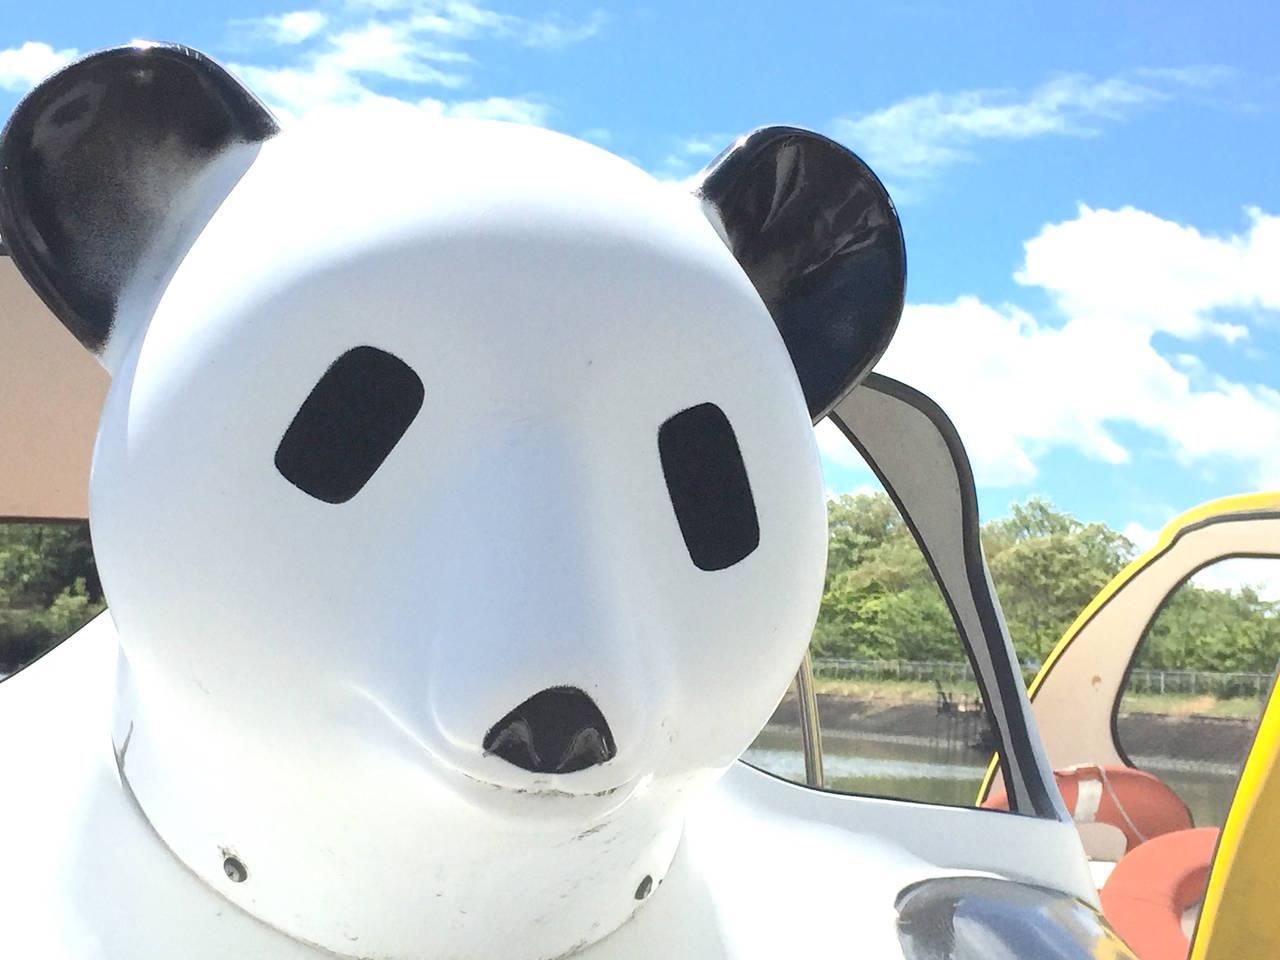 【愛知】ボートに乗れて屋内広場でも楽しめる「愛知県森林公園」